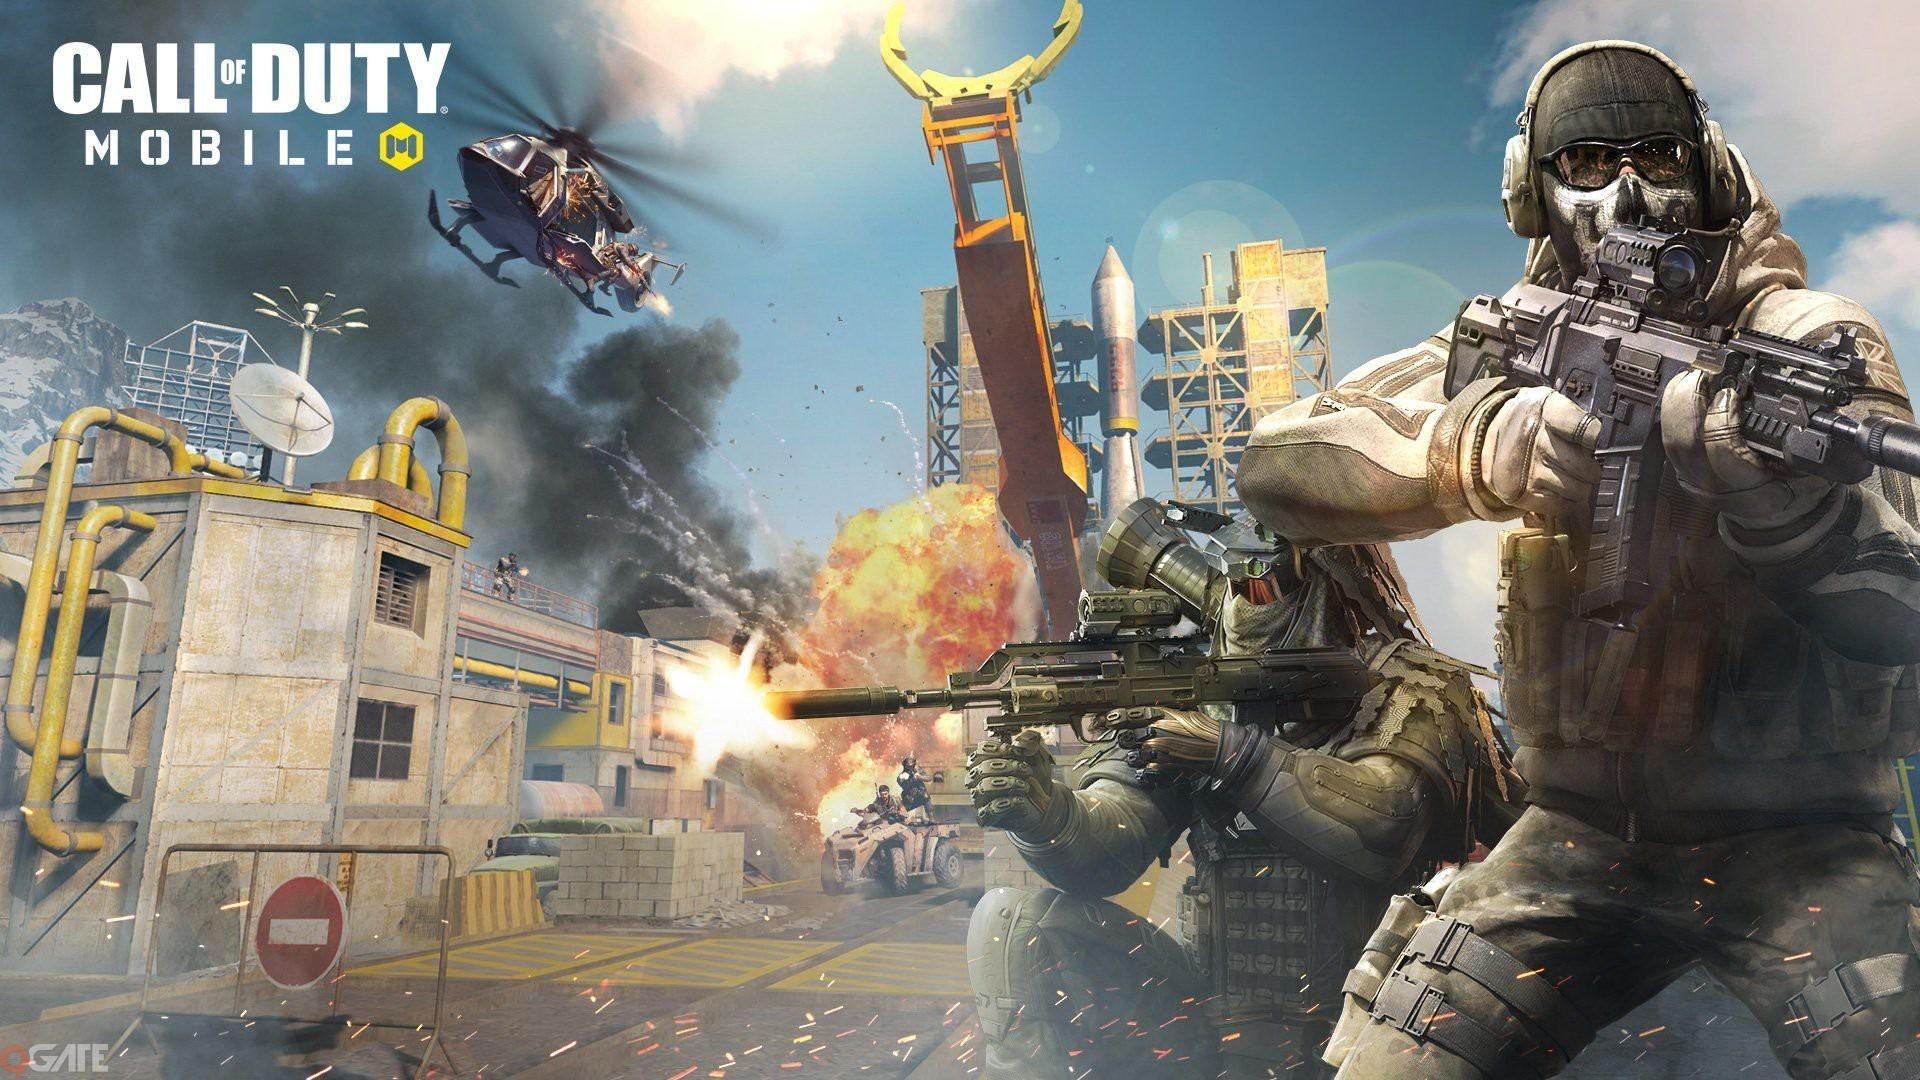 Call of Duty Mobile VN: Gameplay Cơ Bản - Chế Độ Sinh Tồn